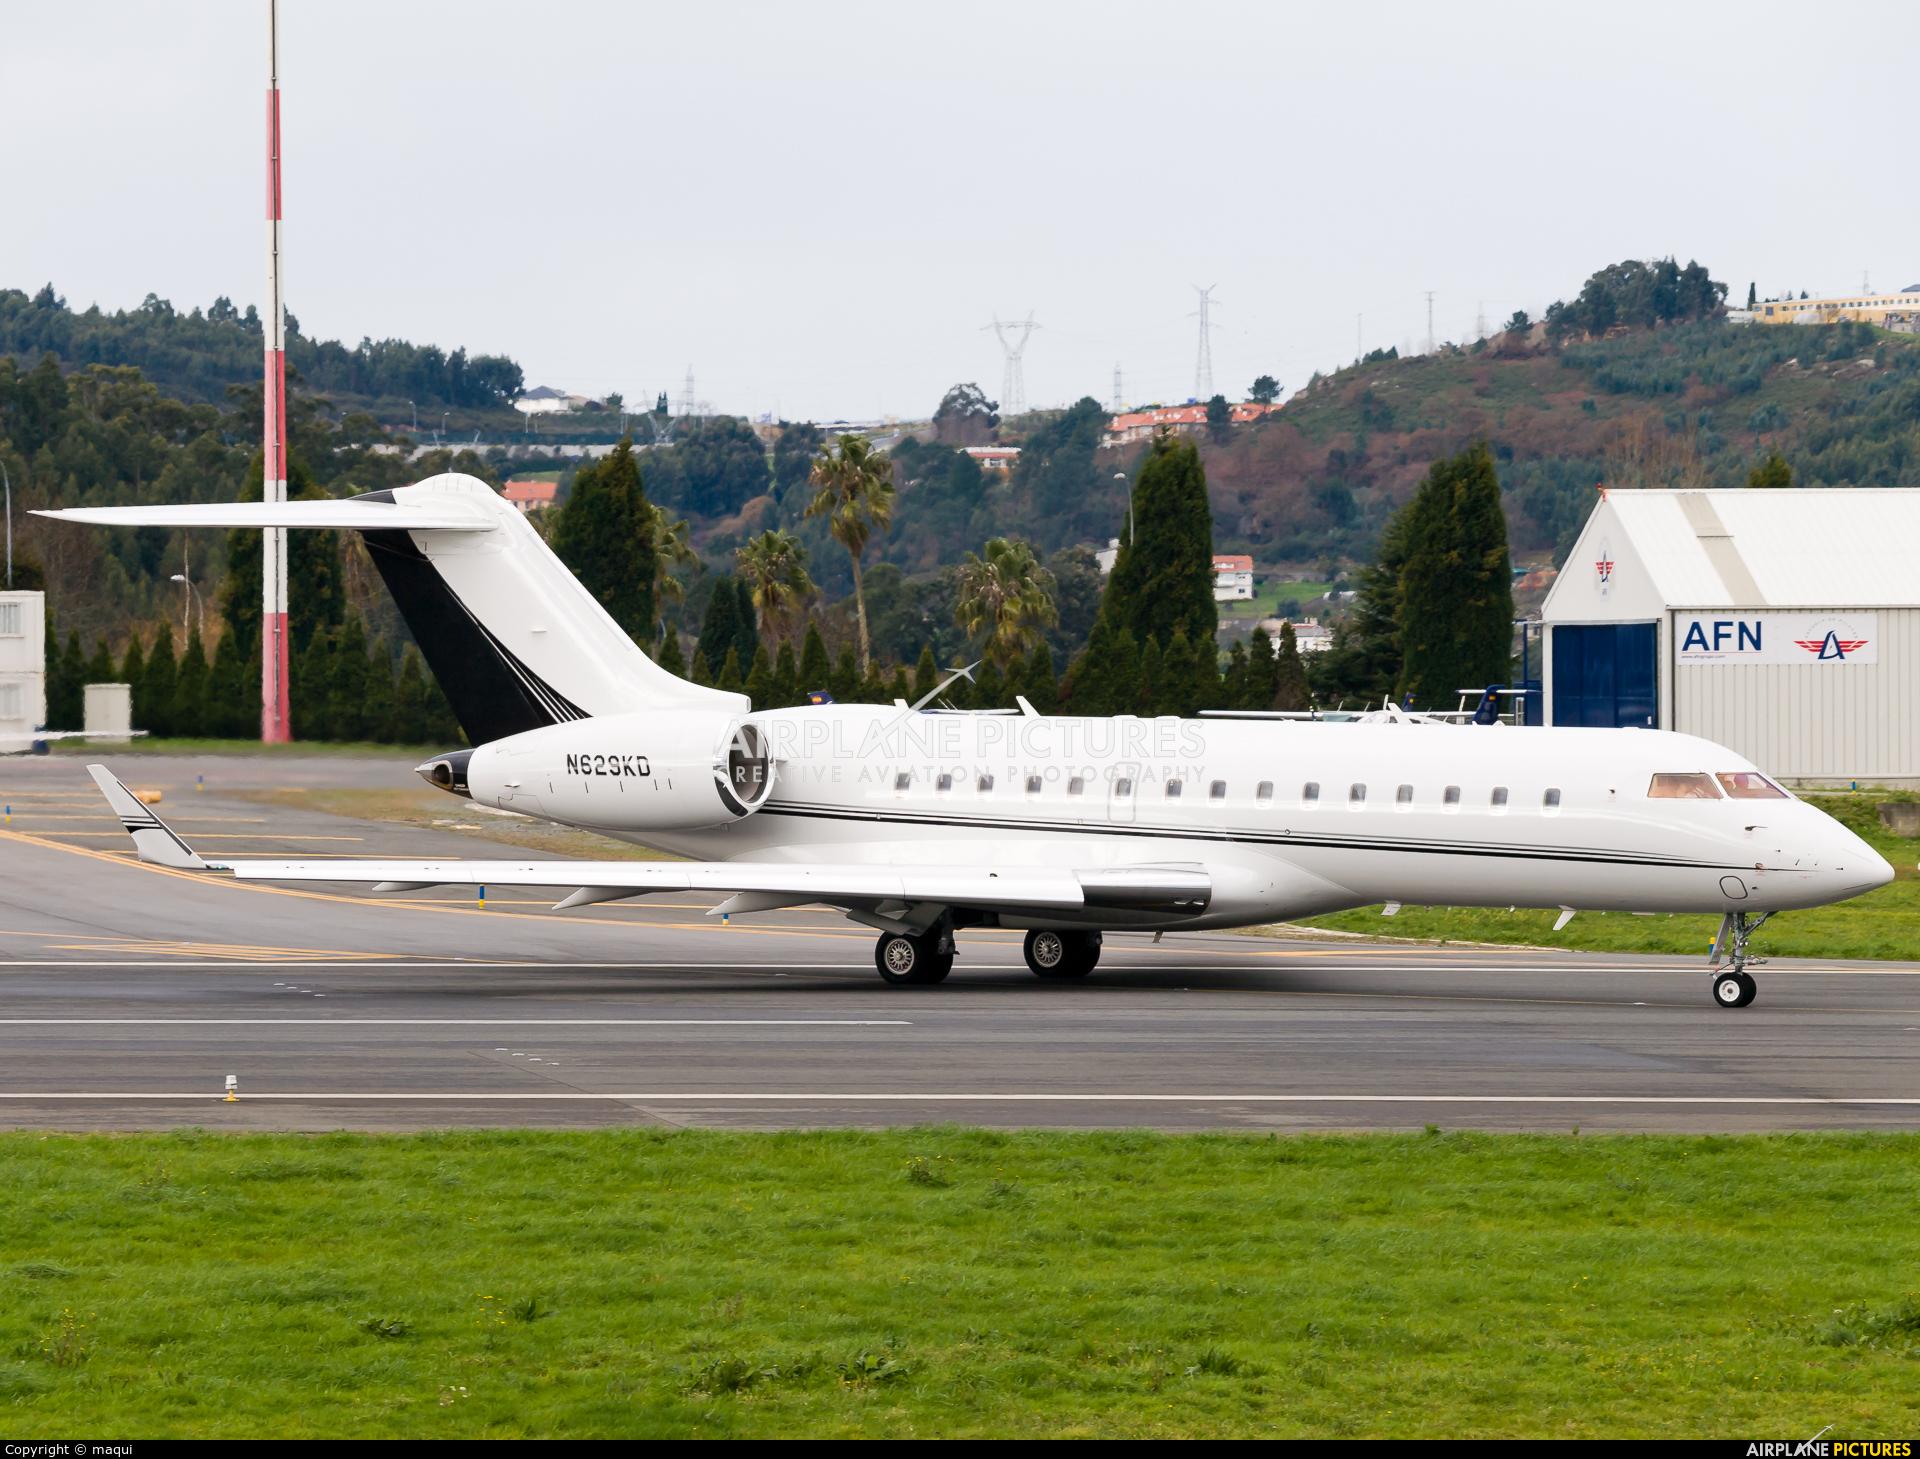 Private N629KD aircraft at La Coruña